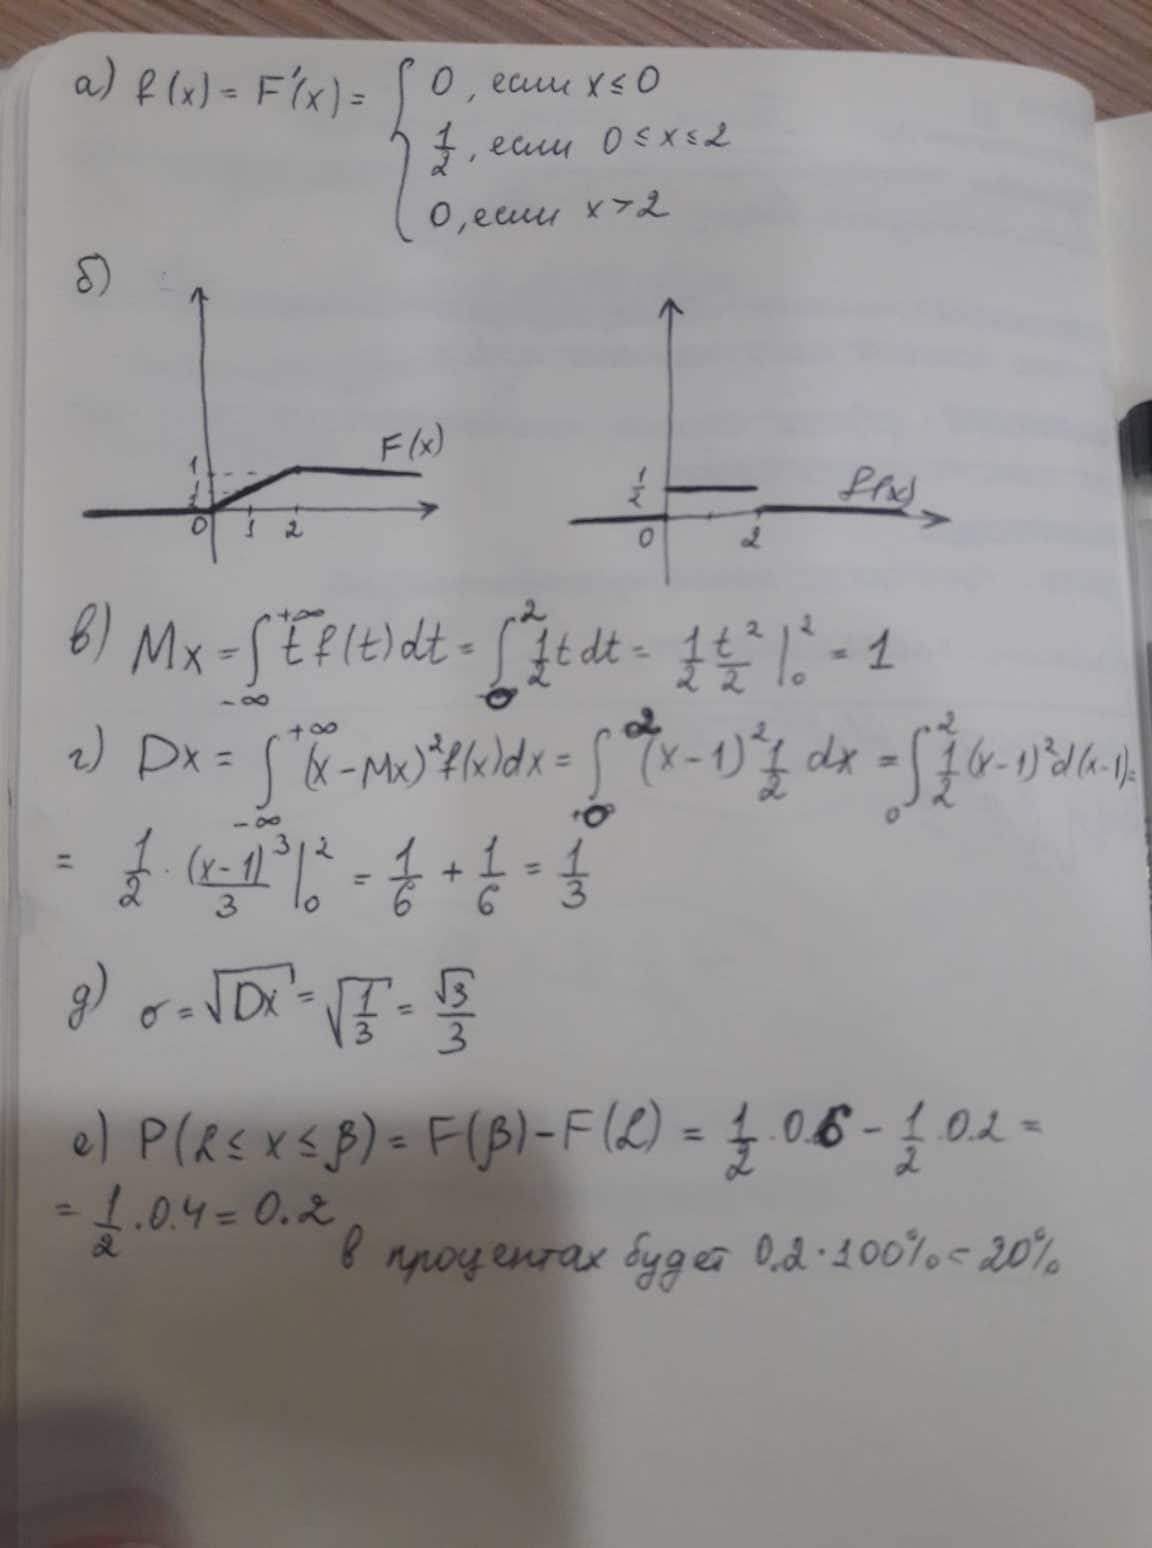 Помогите решить задачи по теории вероятности!Очень